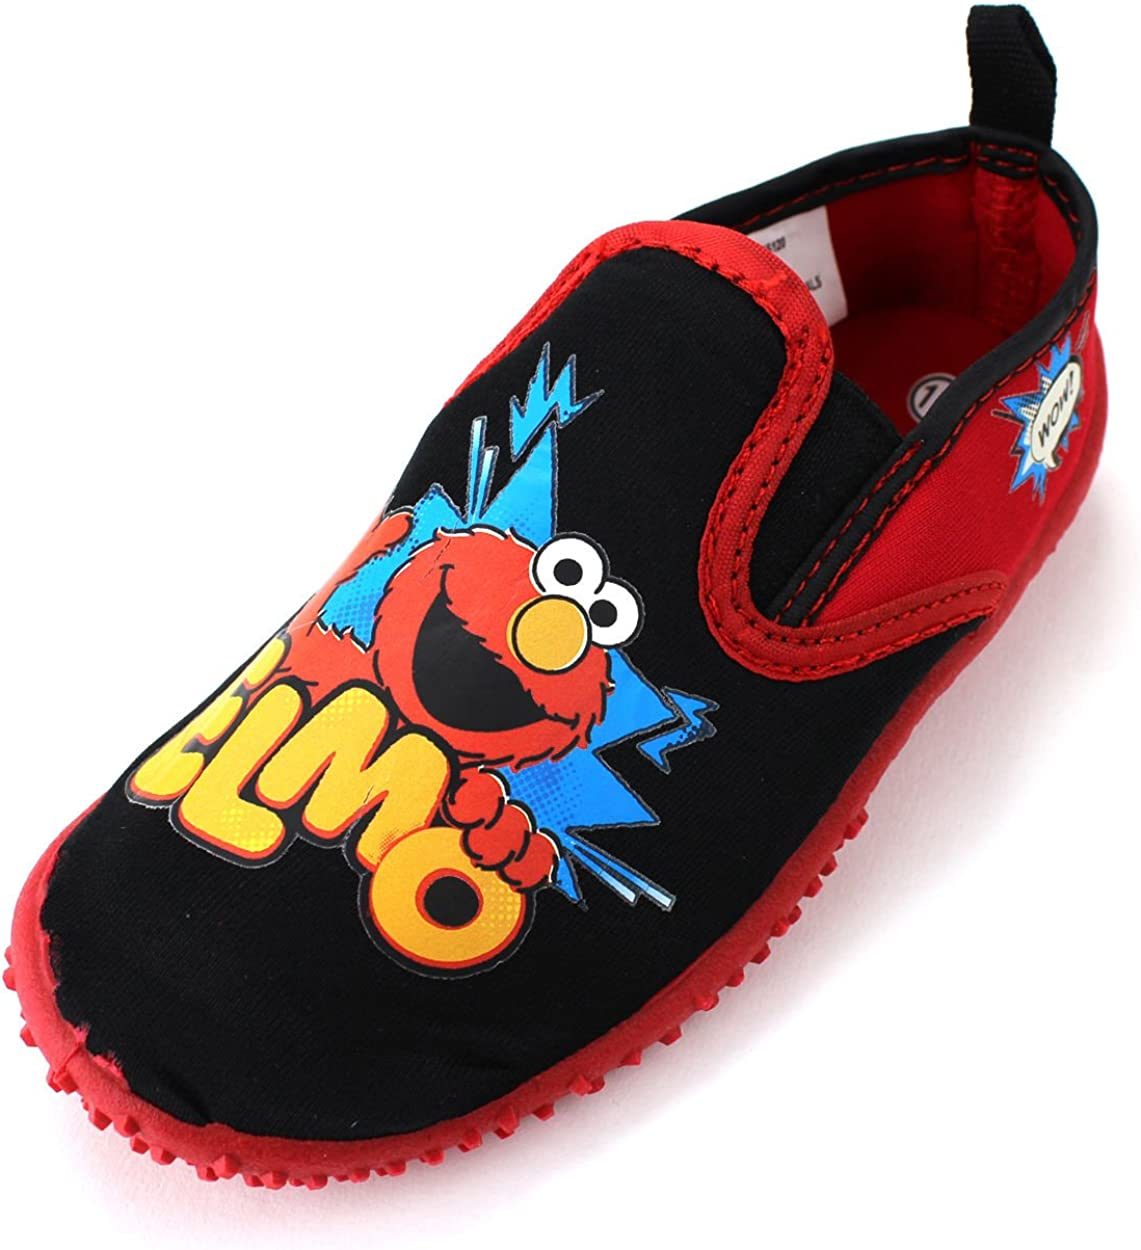 Puma Sesame street Infant st runner elmo toddler trainers red white black unisex